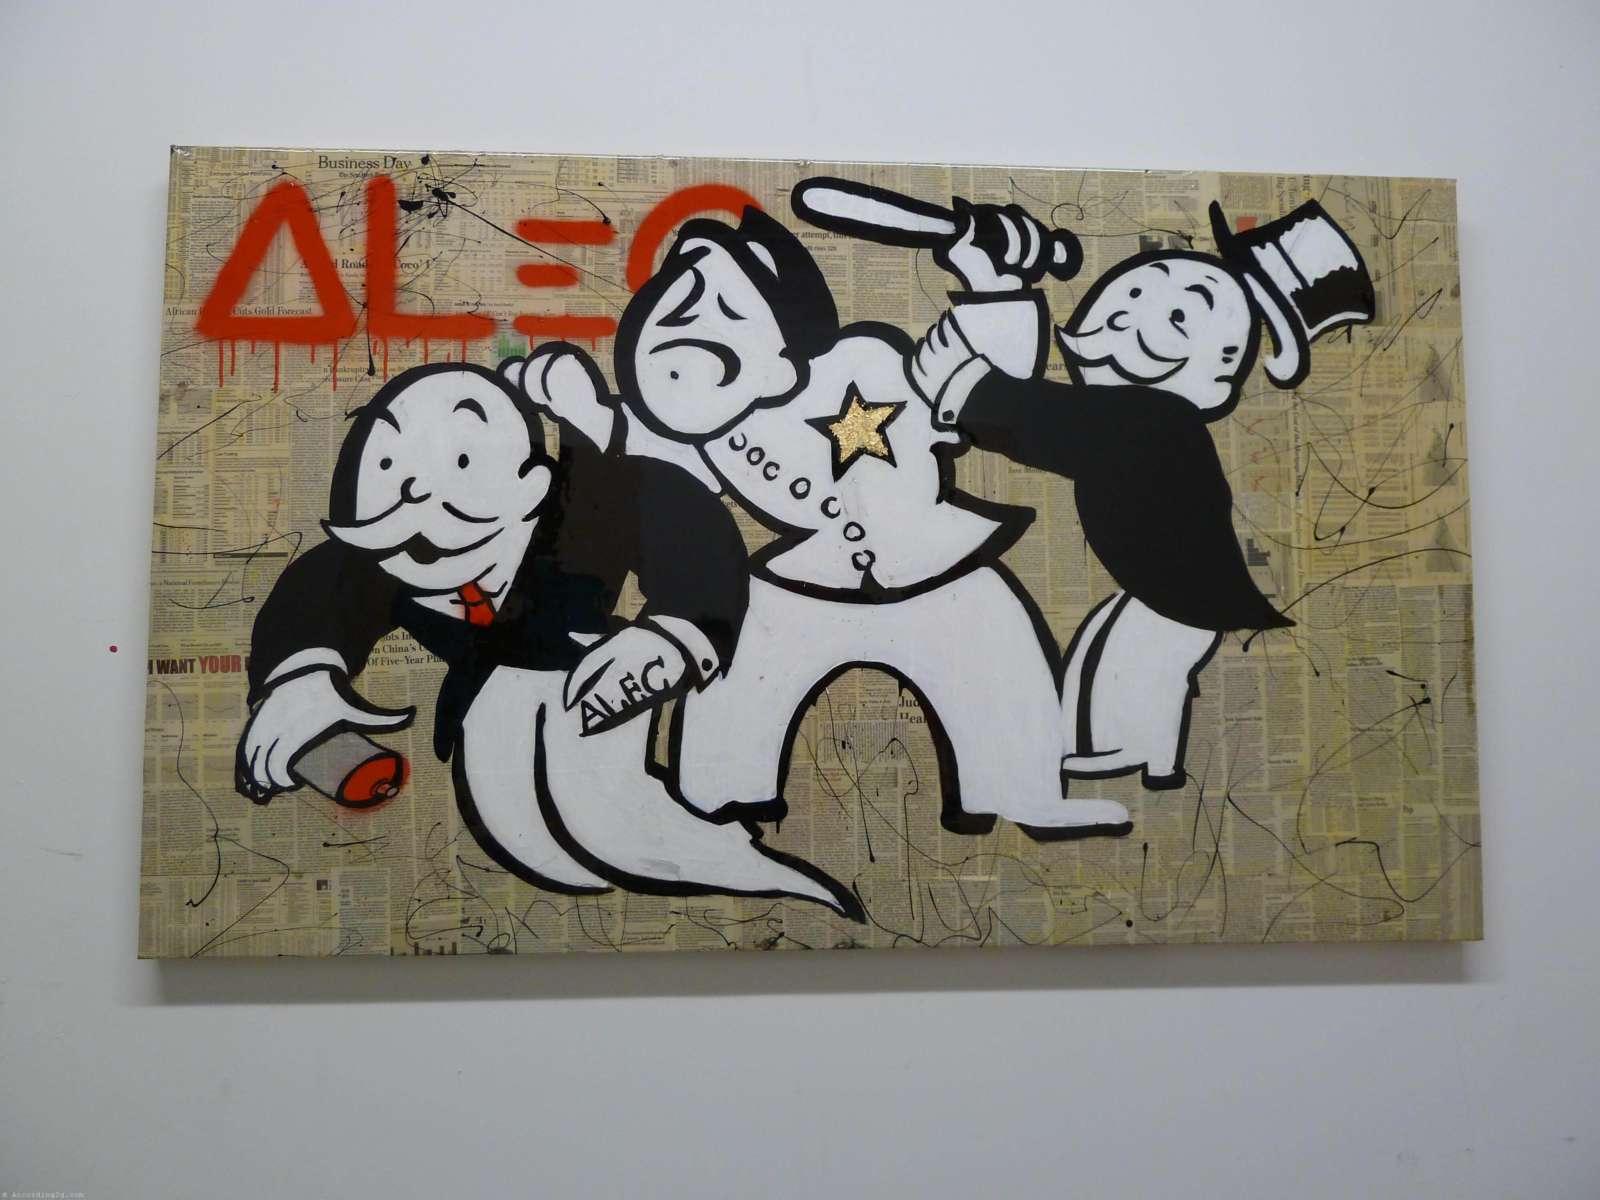 граффити алек монополи